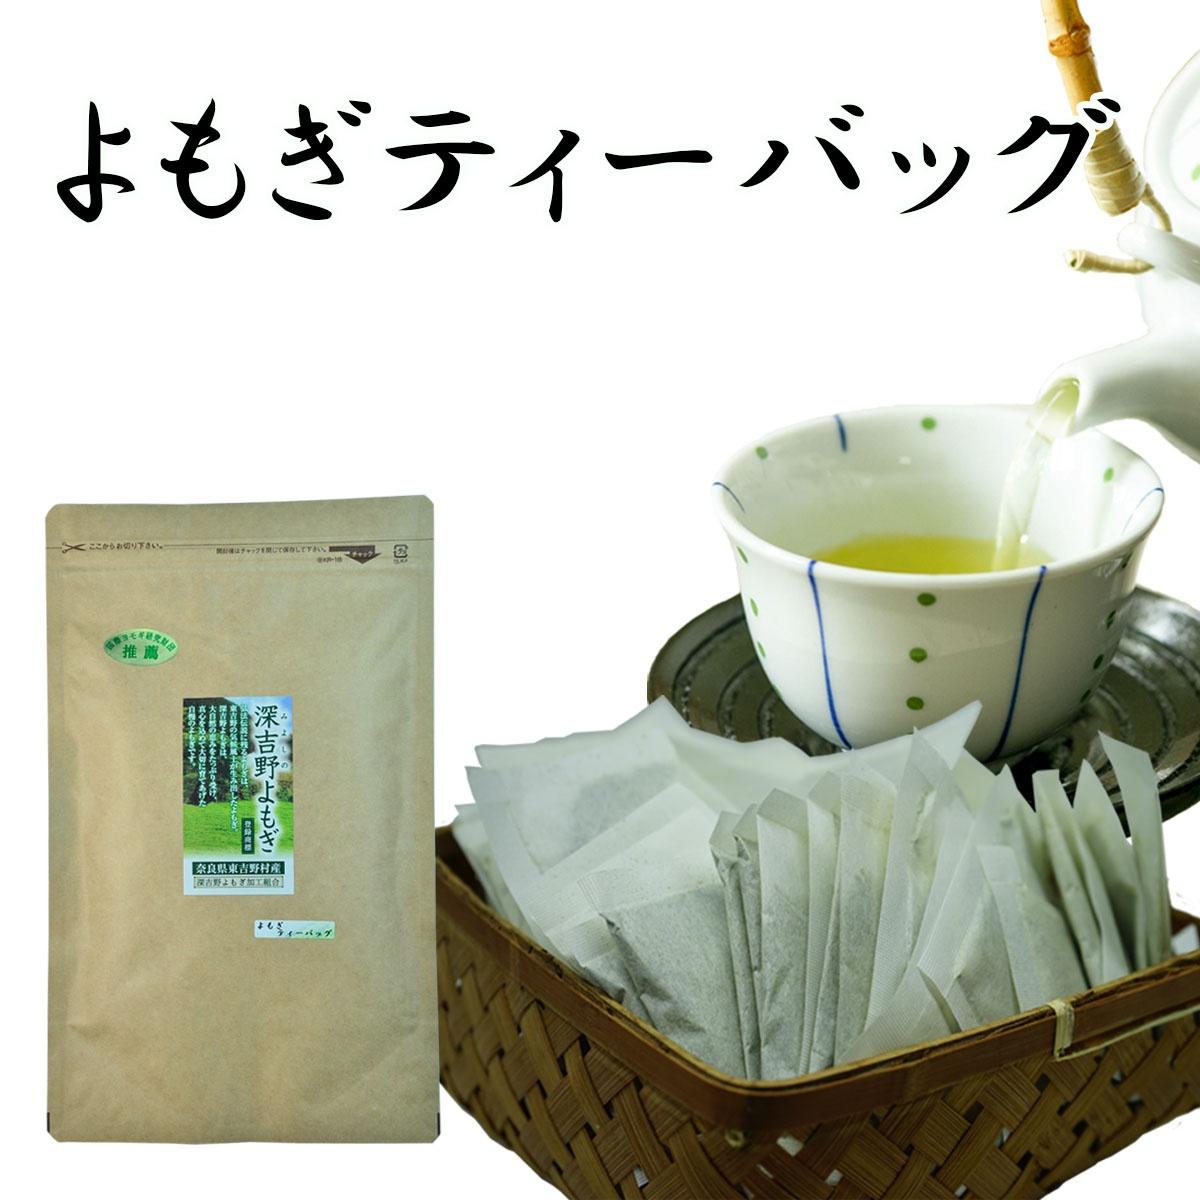 深吉野よもぎ加工組合 よもぎ茶 よもぎティーバッグの商品画像